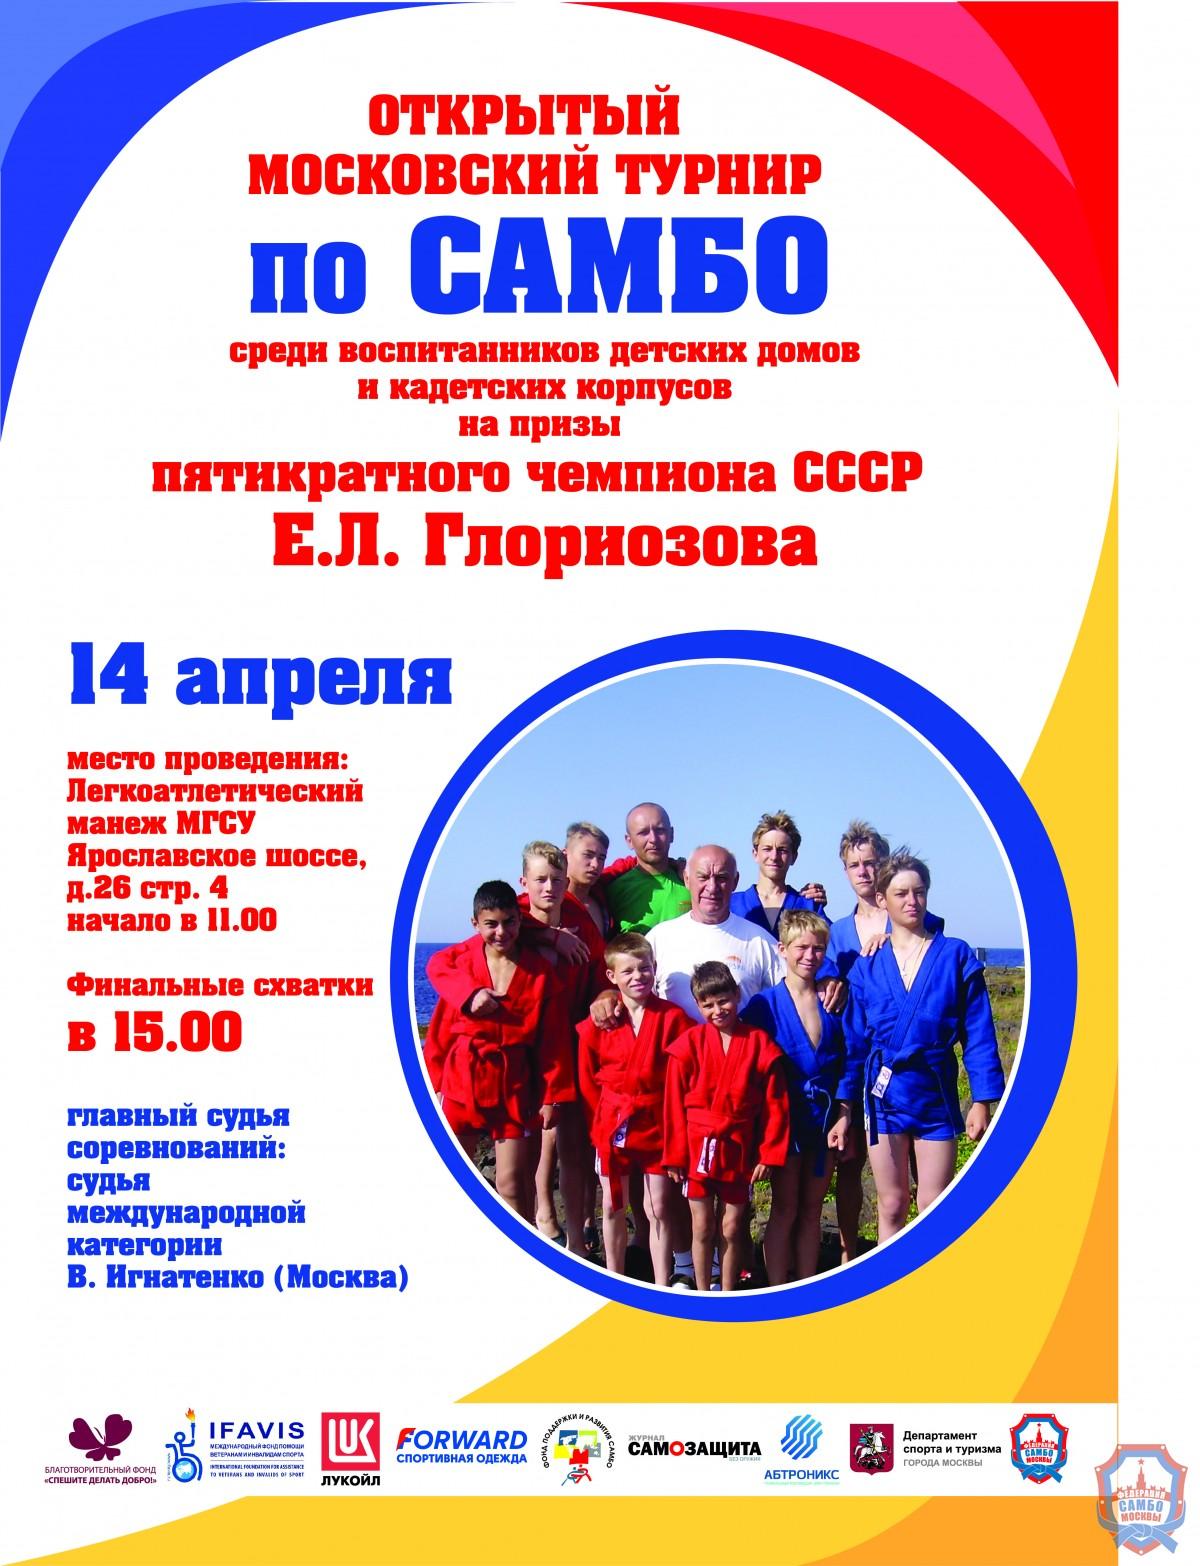 Спартакиада напризы Е.Л.Глориозова